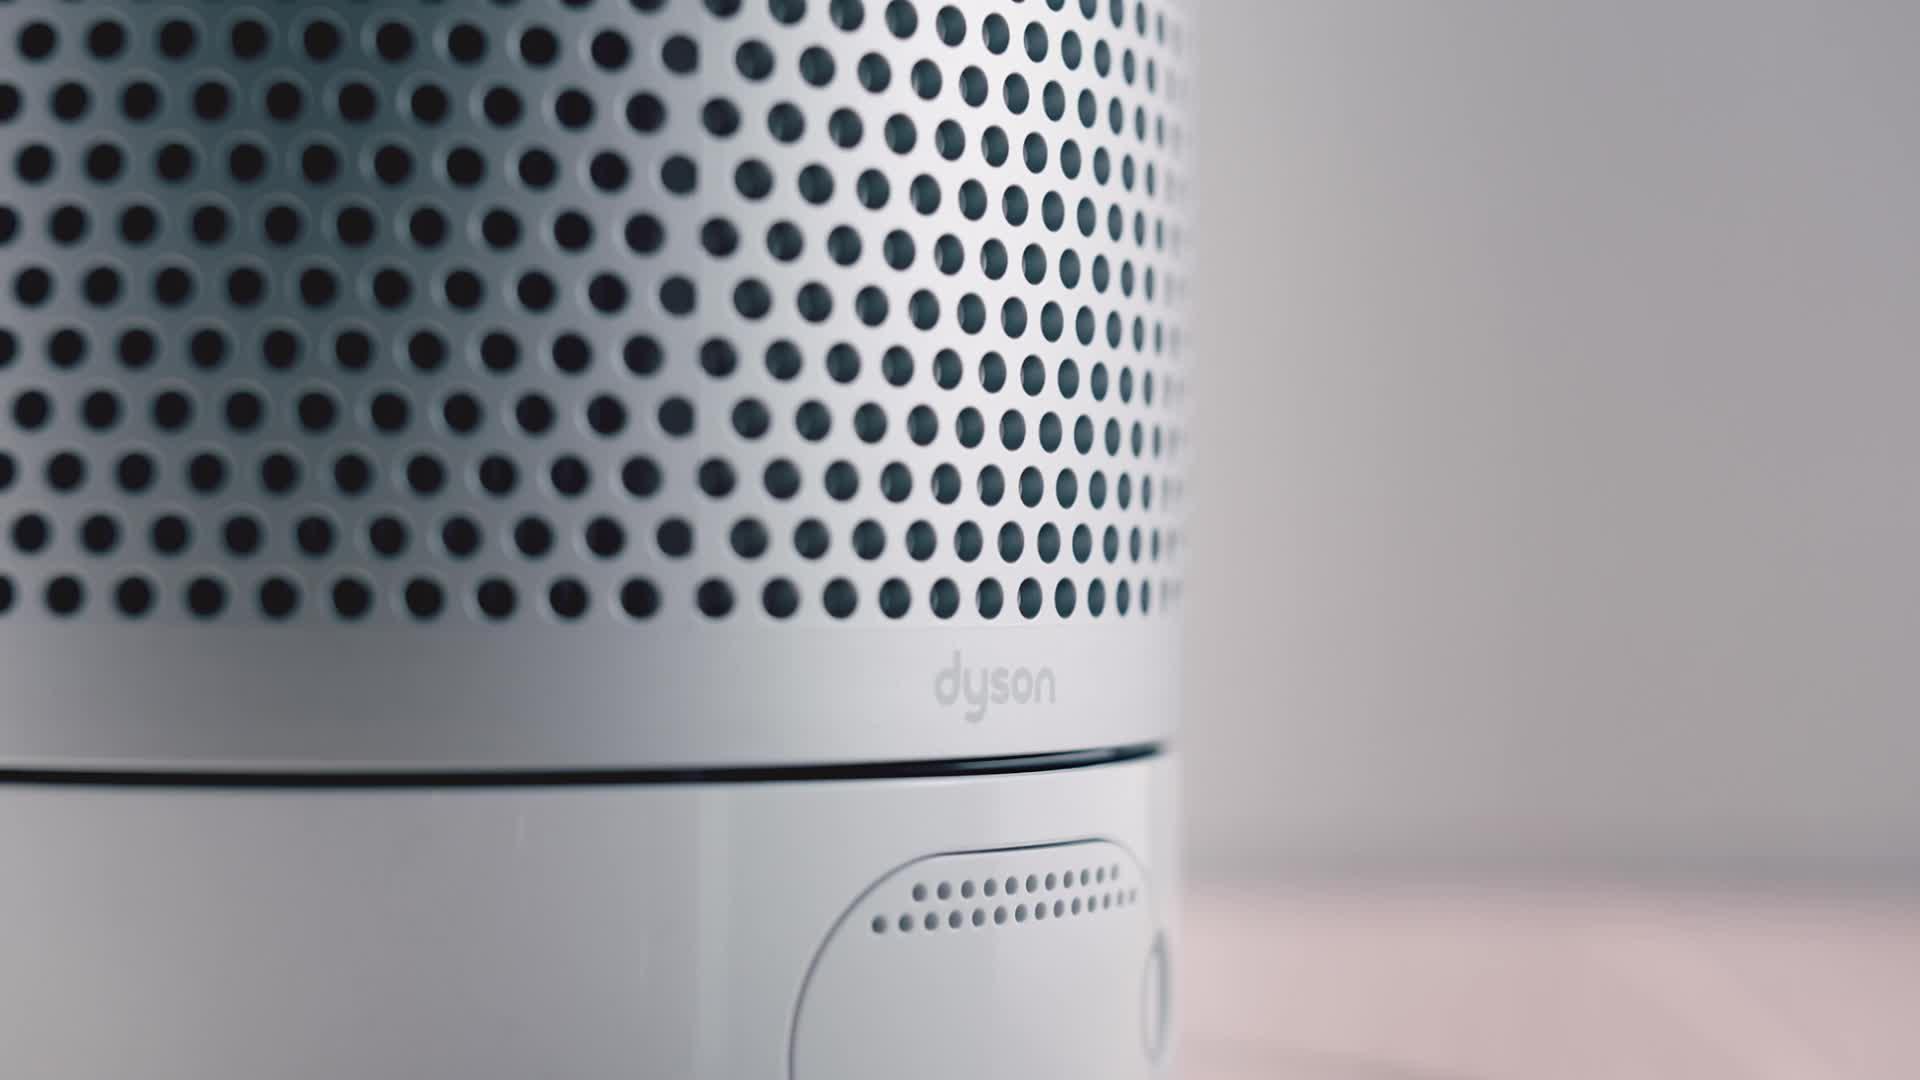 Purificateur d air dyson pure cool link desk blanc et - Purificateur d air dyson ...